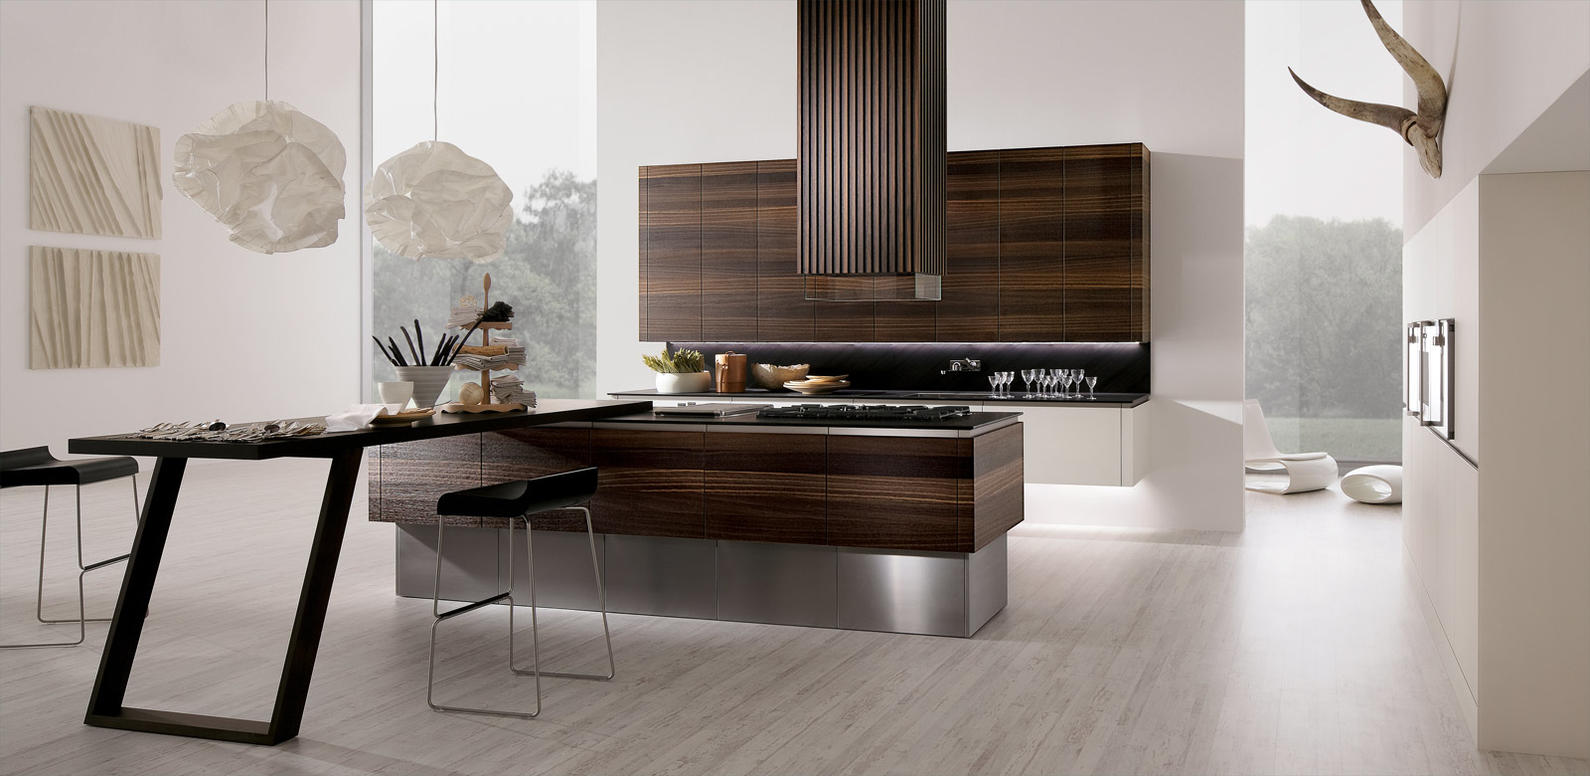 leugers k chen innenausbau willkommen. Black Bedroom Furniture Sets. Home Design Ideas